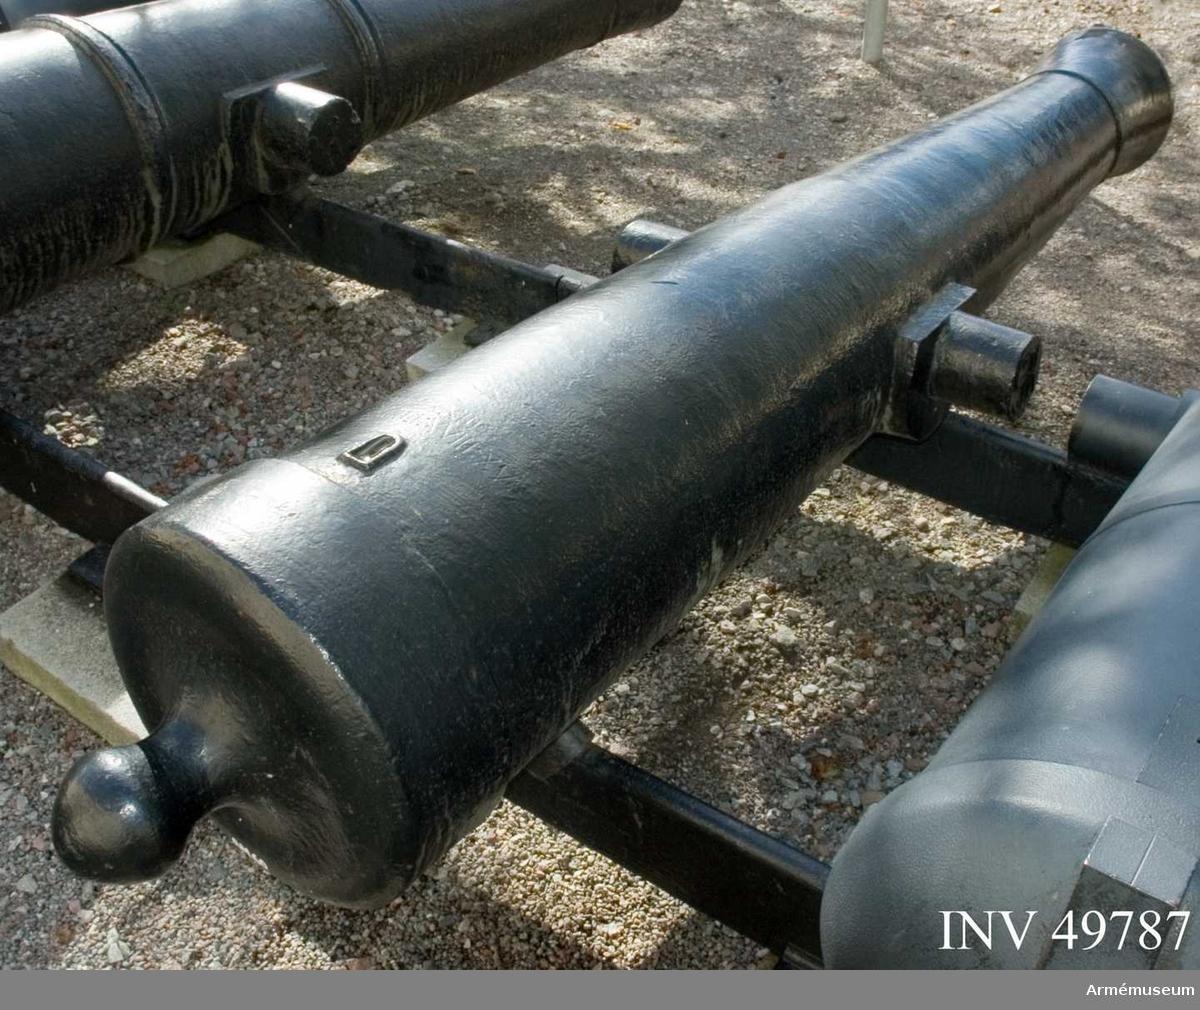 Grupp F I. 15,4 cm eldrör till 24-pundig kanon av 1762 års konstruktion för arméns flotta. Längden är 20 kal. Enligt Kapten F A Spaks katalog 1888: Vid fänghålet N märkt XXIII:., XXIII:XVIII:XV, No 28. På vänster  tapp märkt 1764 och på höger GK.